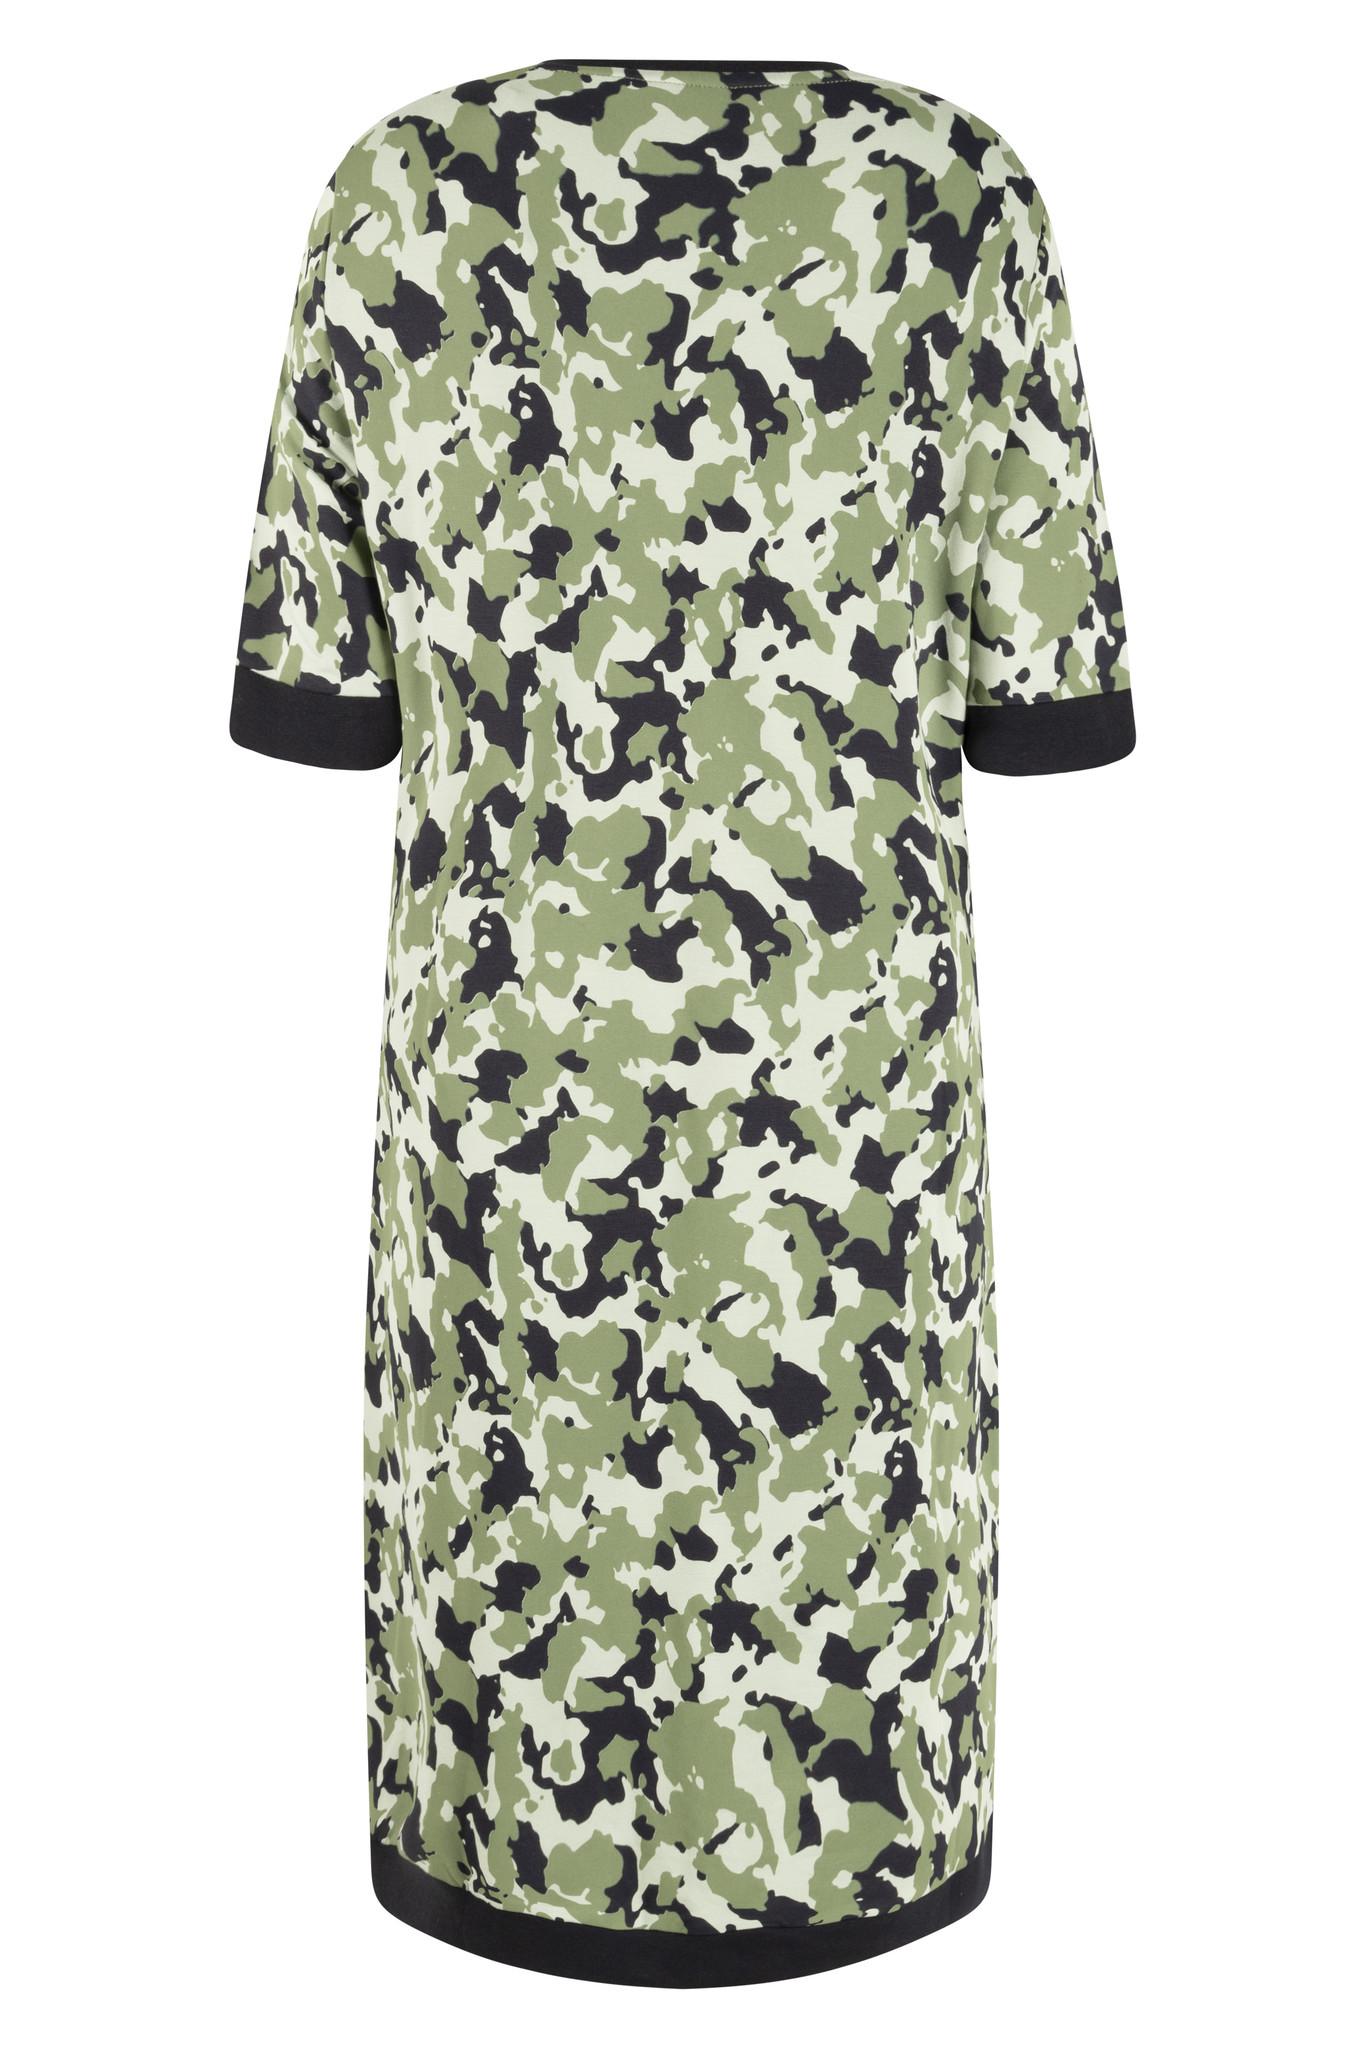 Zoso Zoso Mason camouflage dress